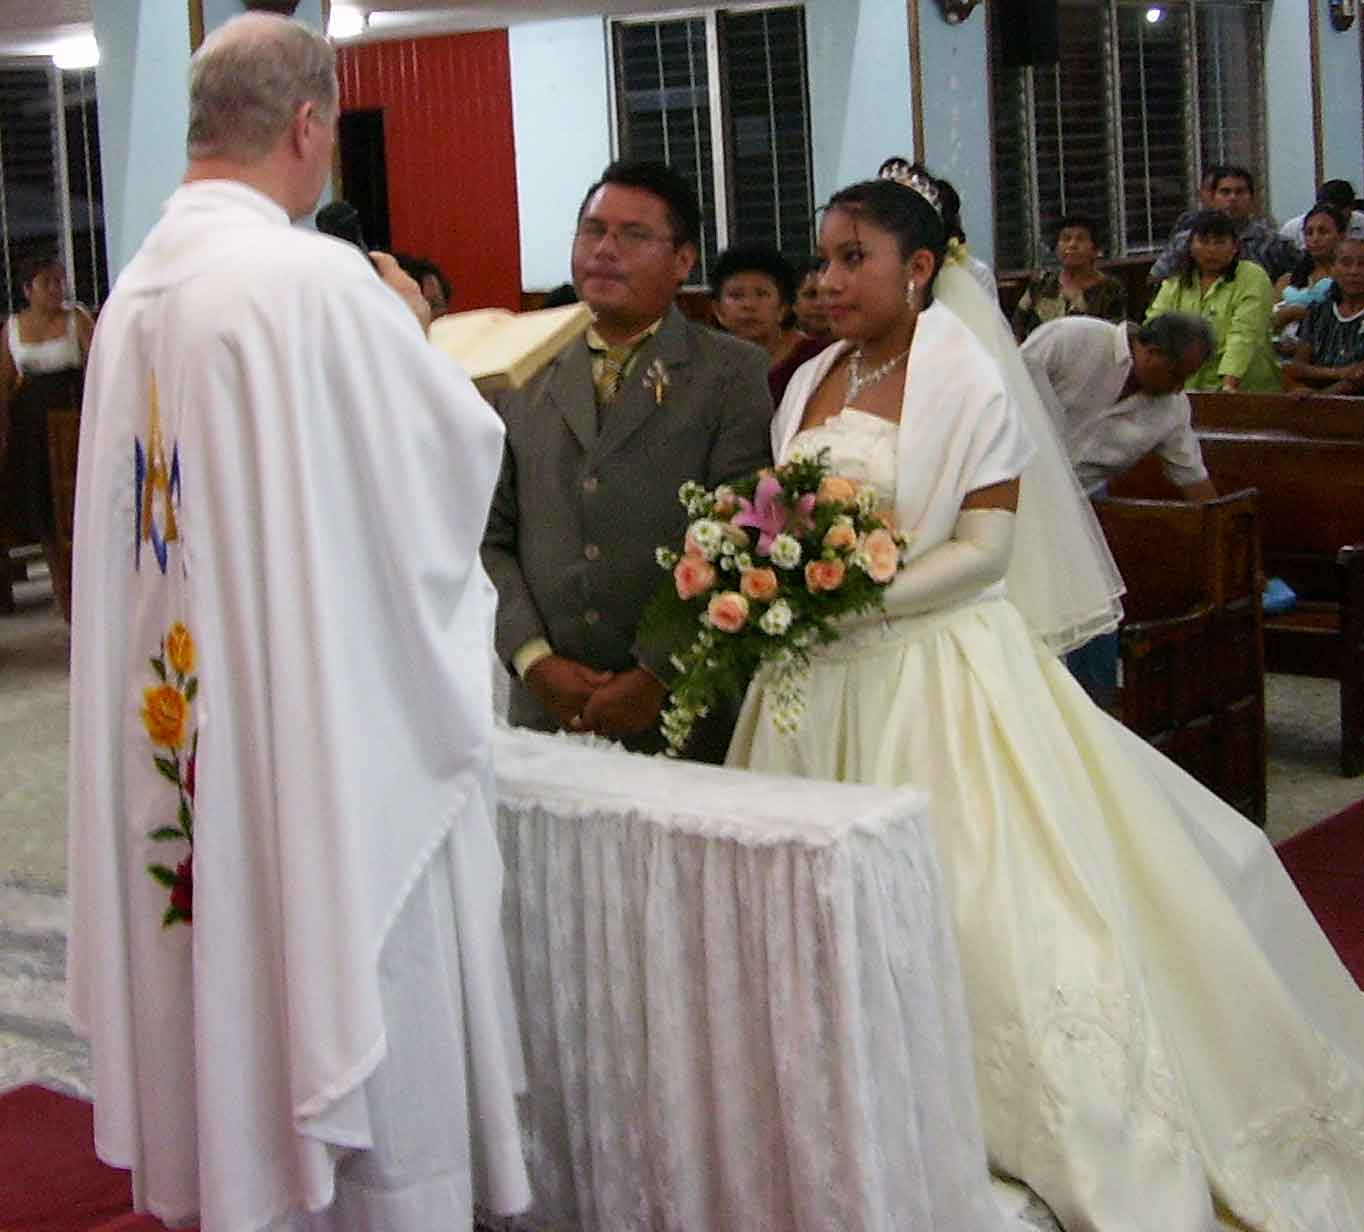 Matrimonio Catolico Feliz : Católico de javier olivares baionés jubilado baiona